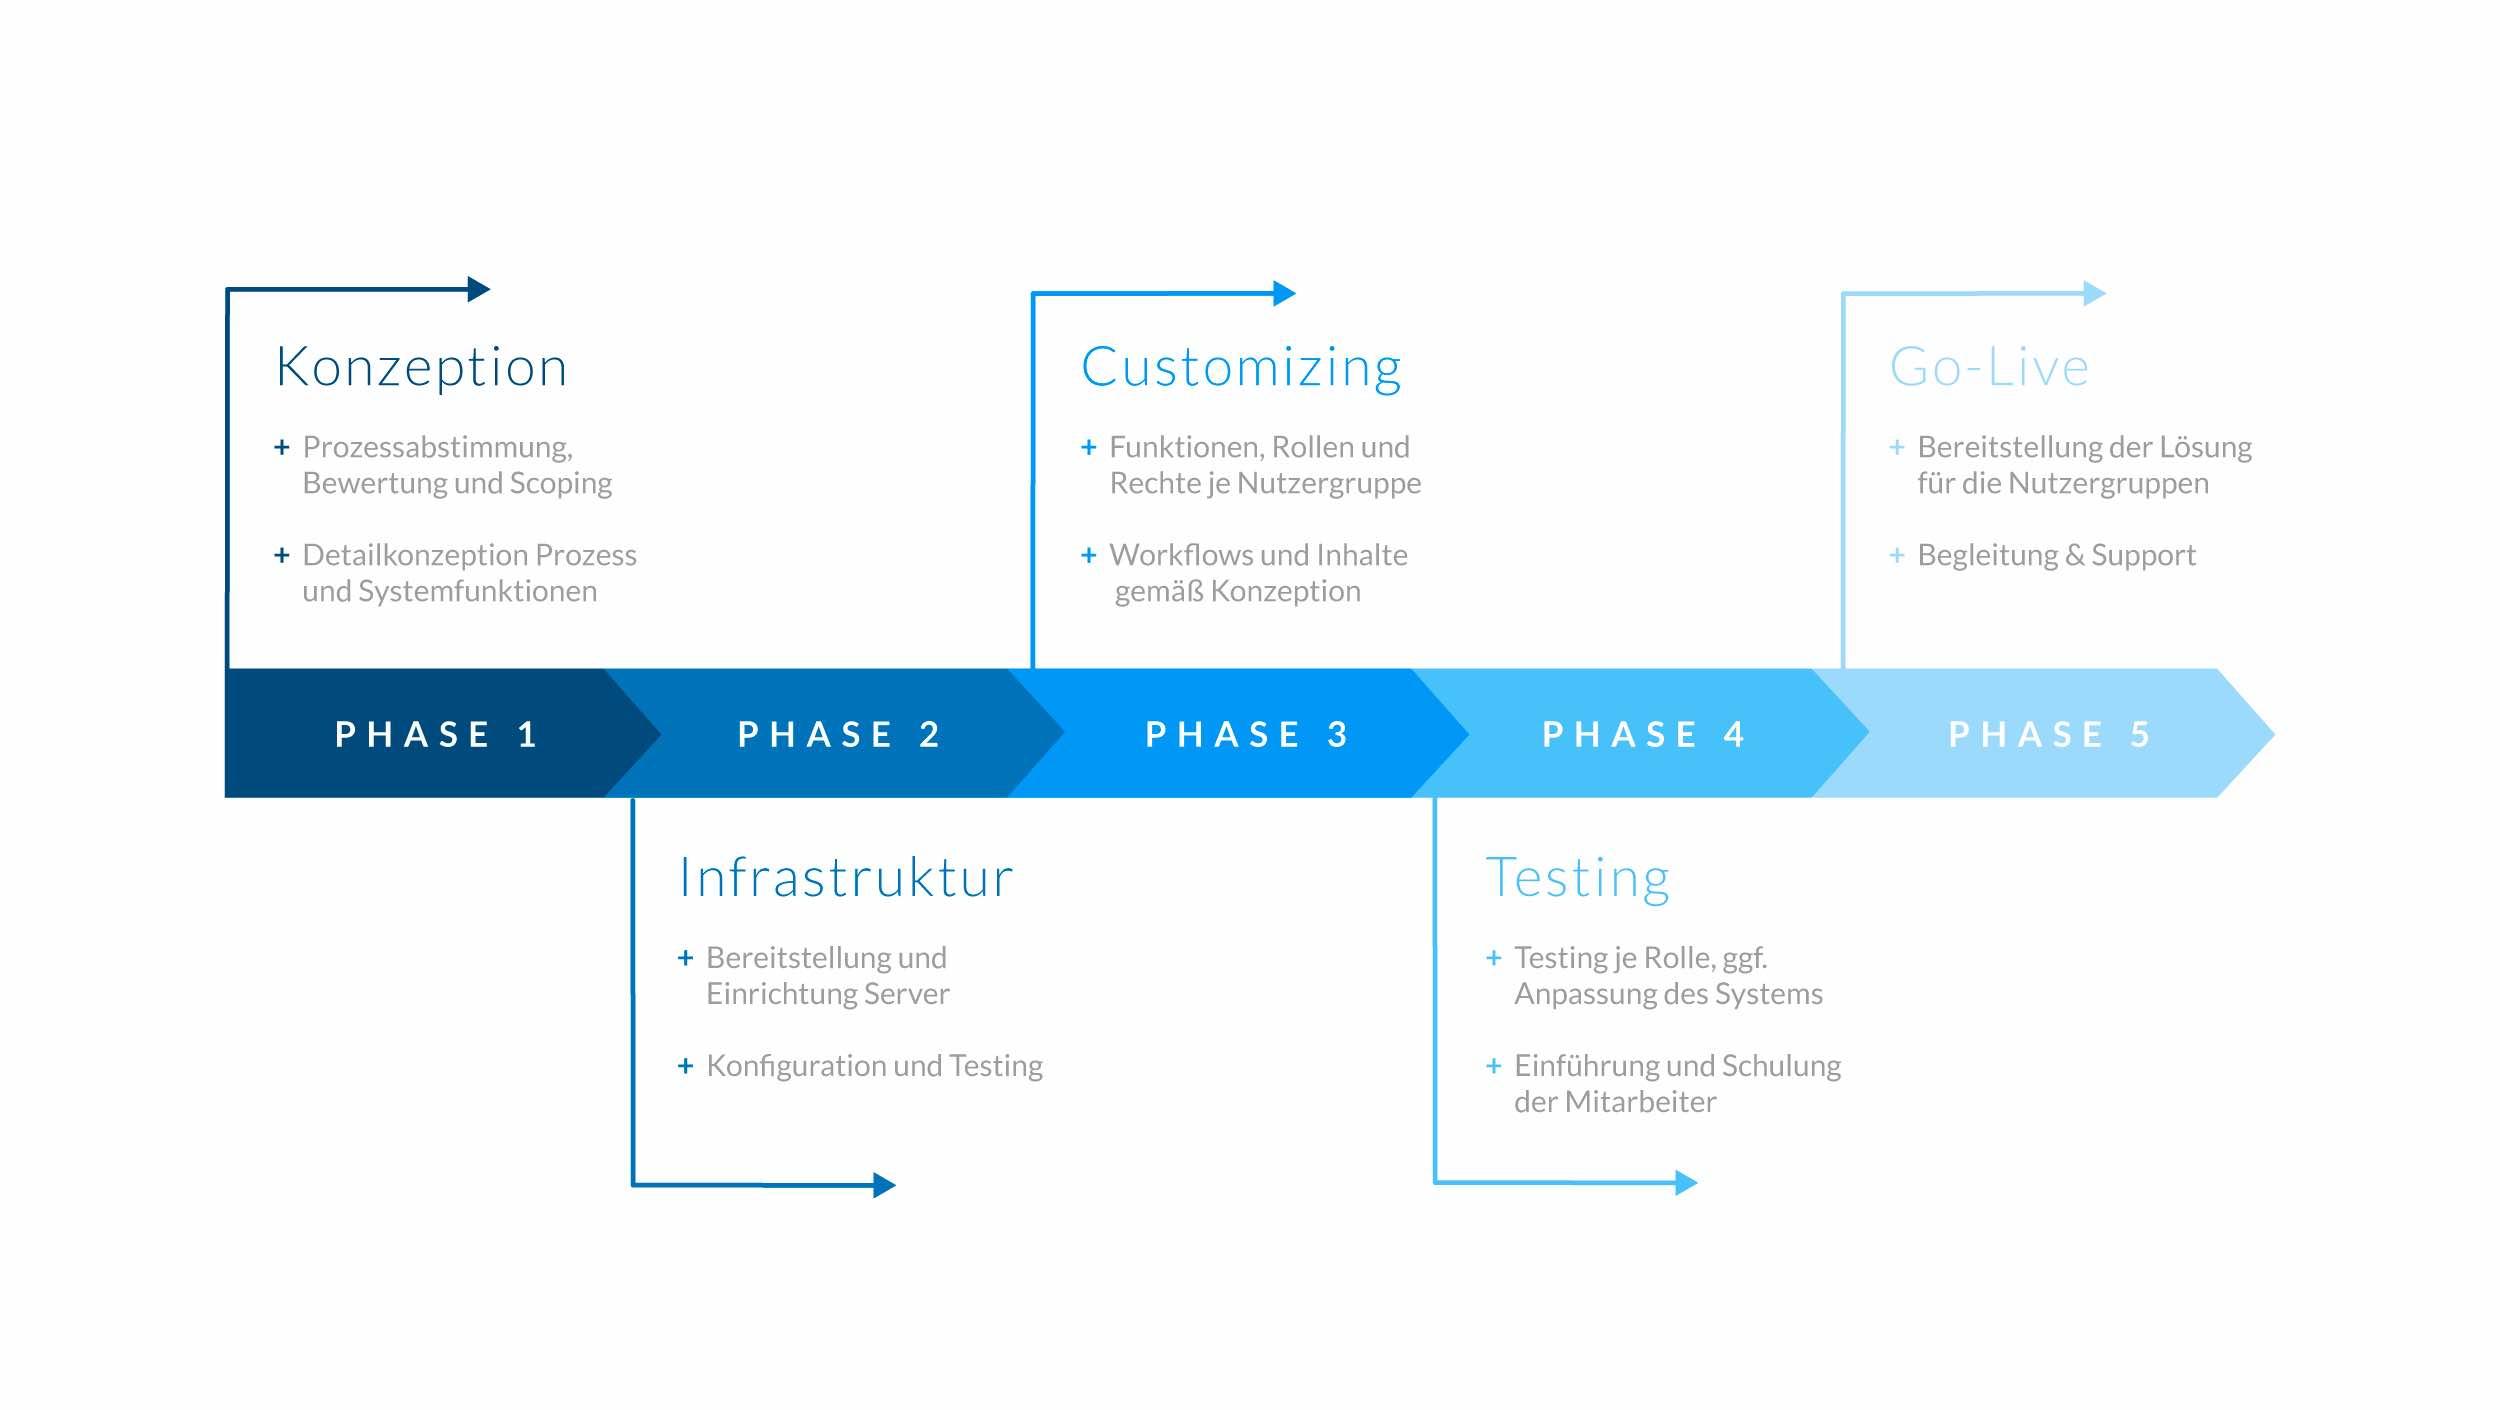 Phasenmodell zur Einfuehrung von Patientenportalen in Krankenhaeusern